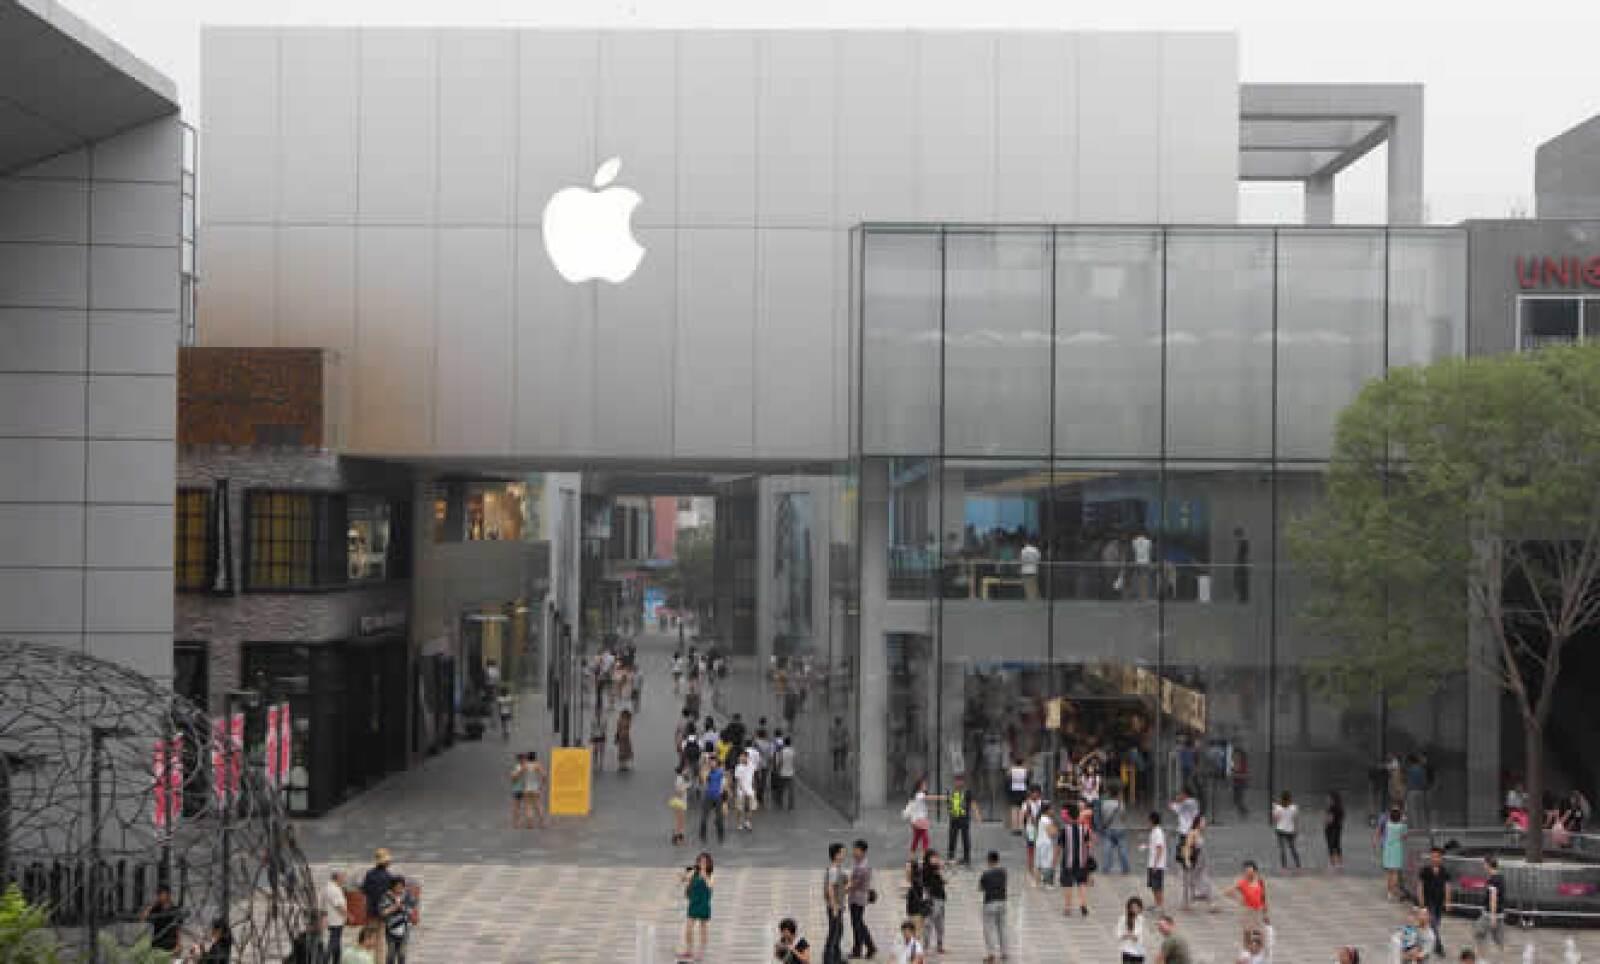 """La ley china prohíbe a las compañías copiar """"el aspecto y la atmósfera"""" de tiendas de otras empresas, pero la vigilancia es escaza. En esta imagen sí vemos a una de las 4 tiendas oficiales de Apple en China."""